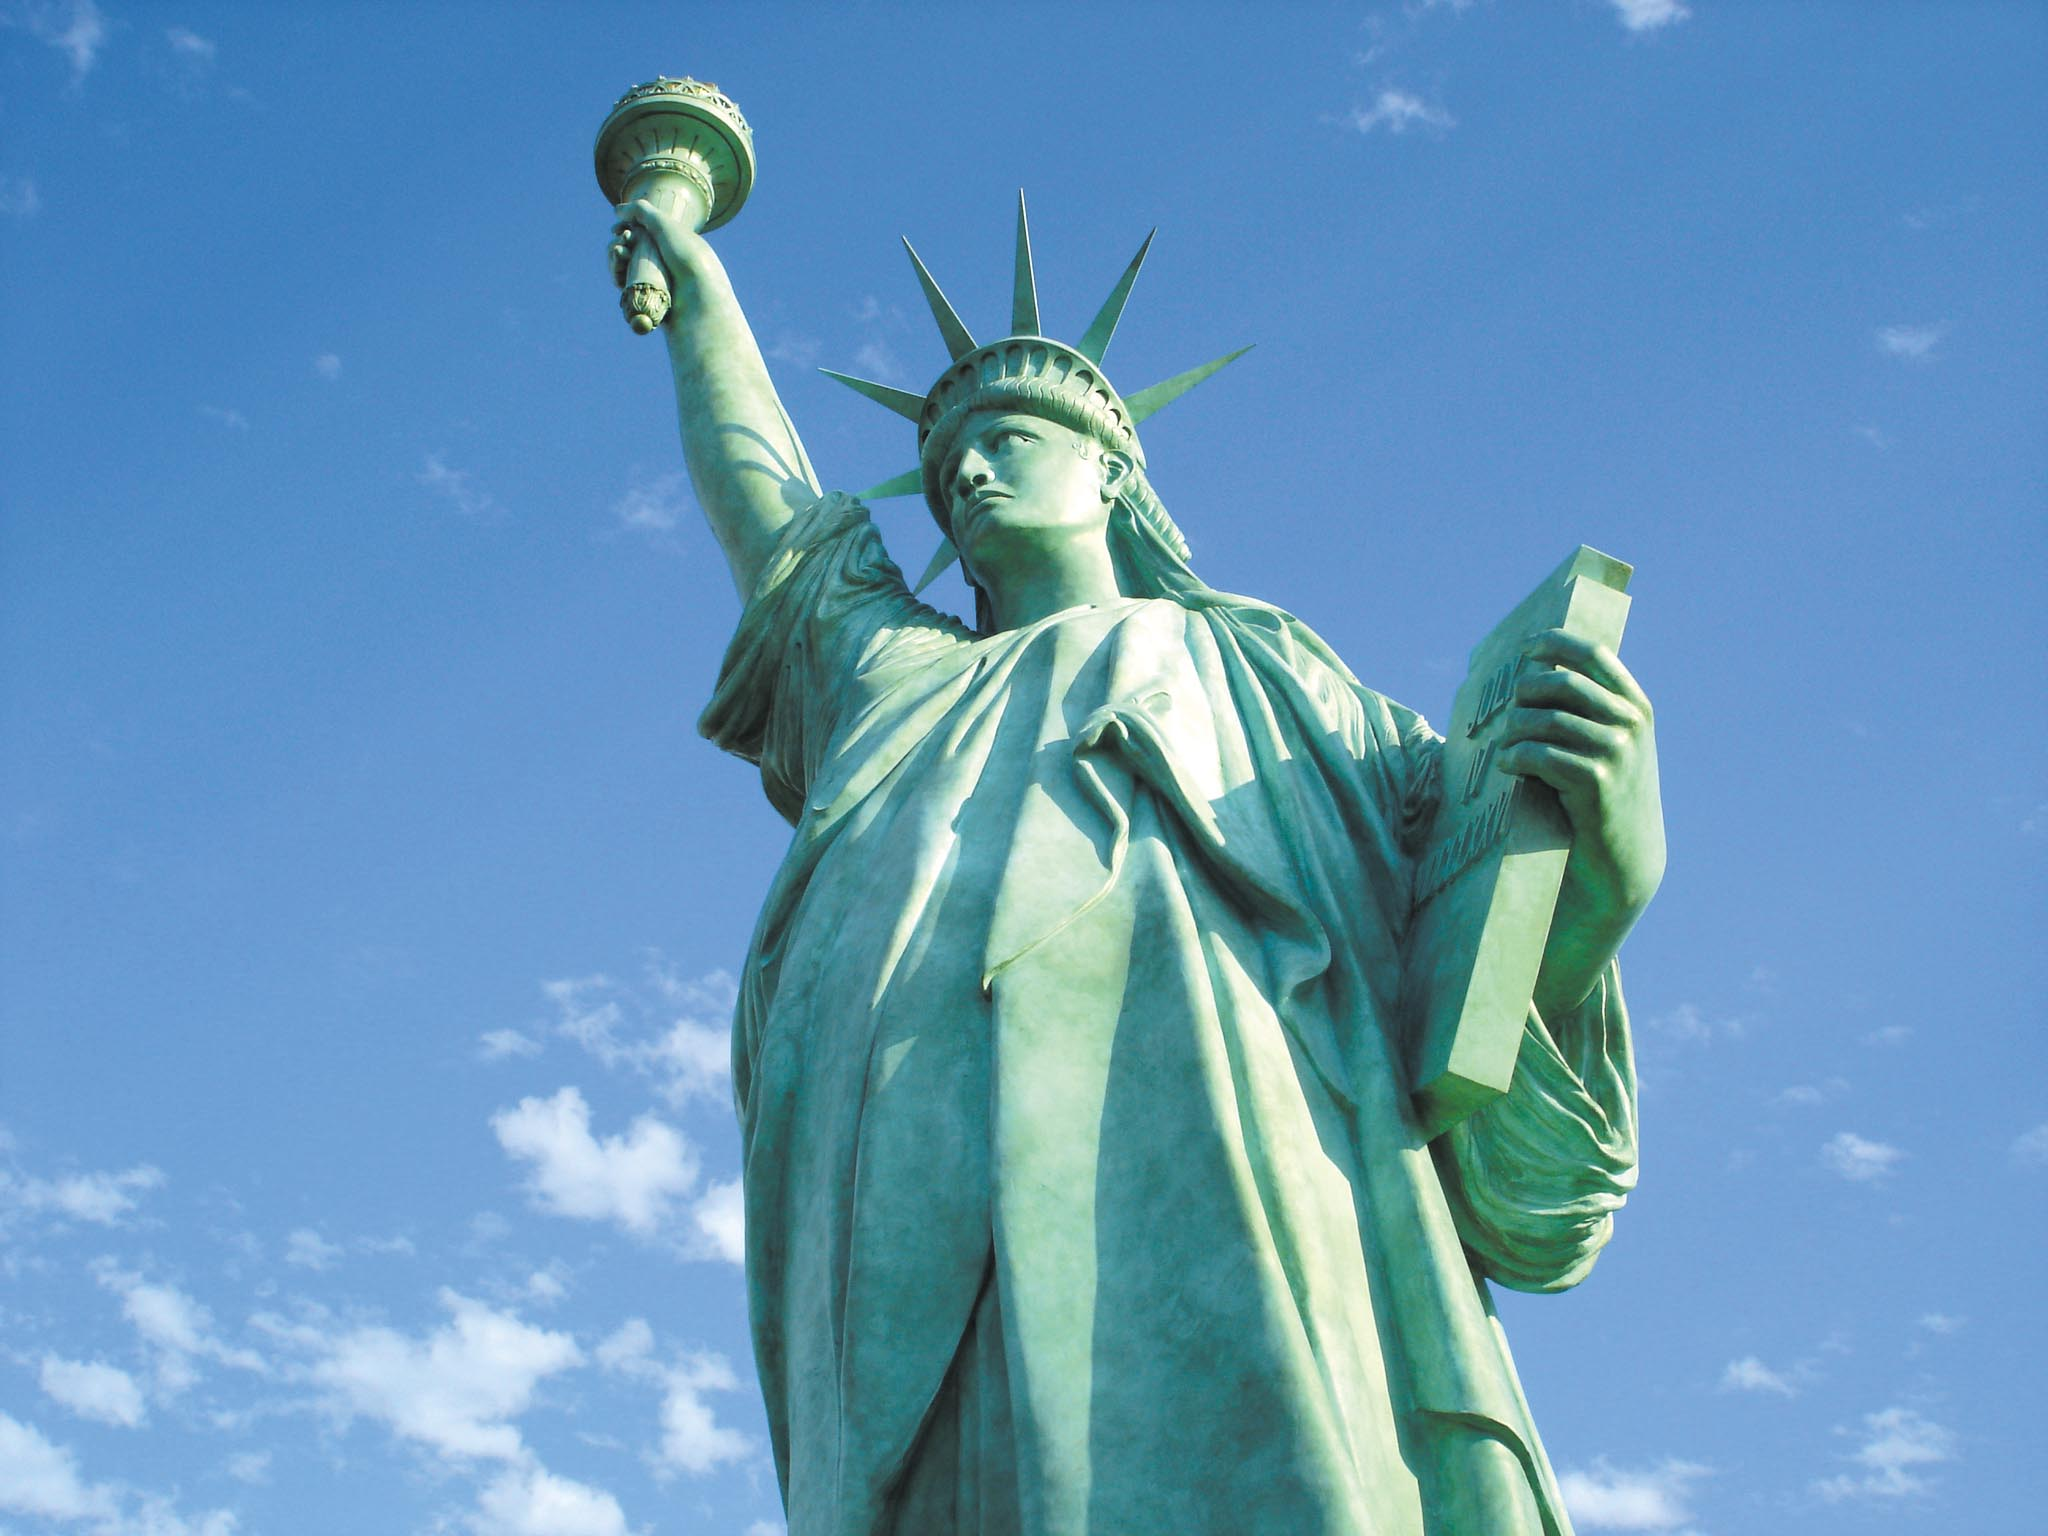 Statue de la Liberté (Guy Wurth)